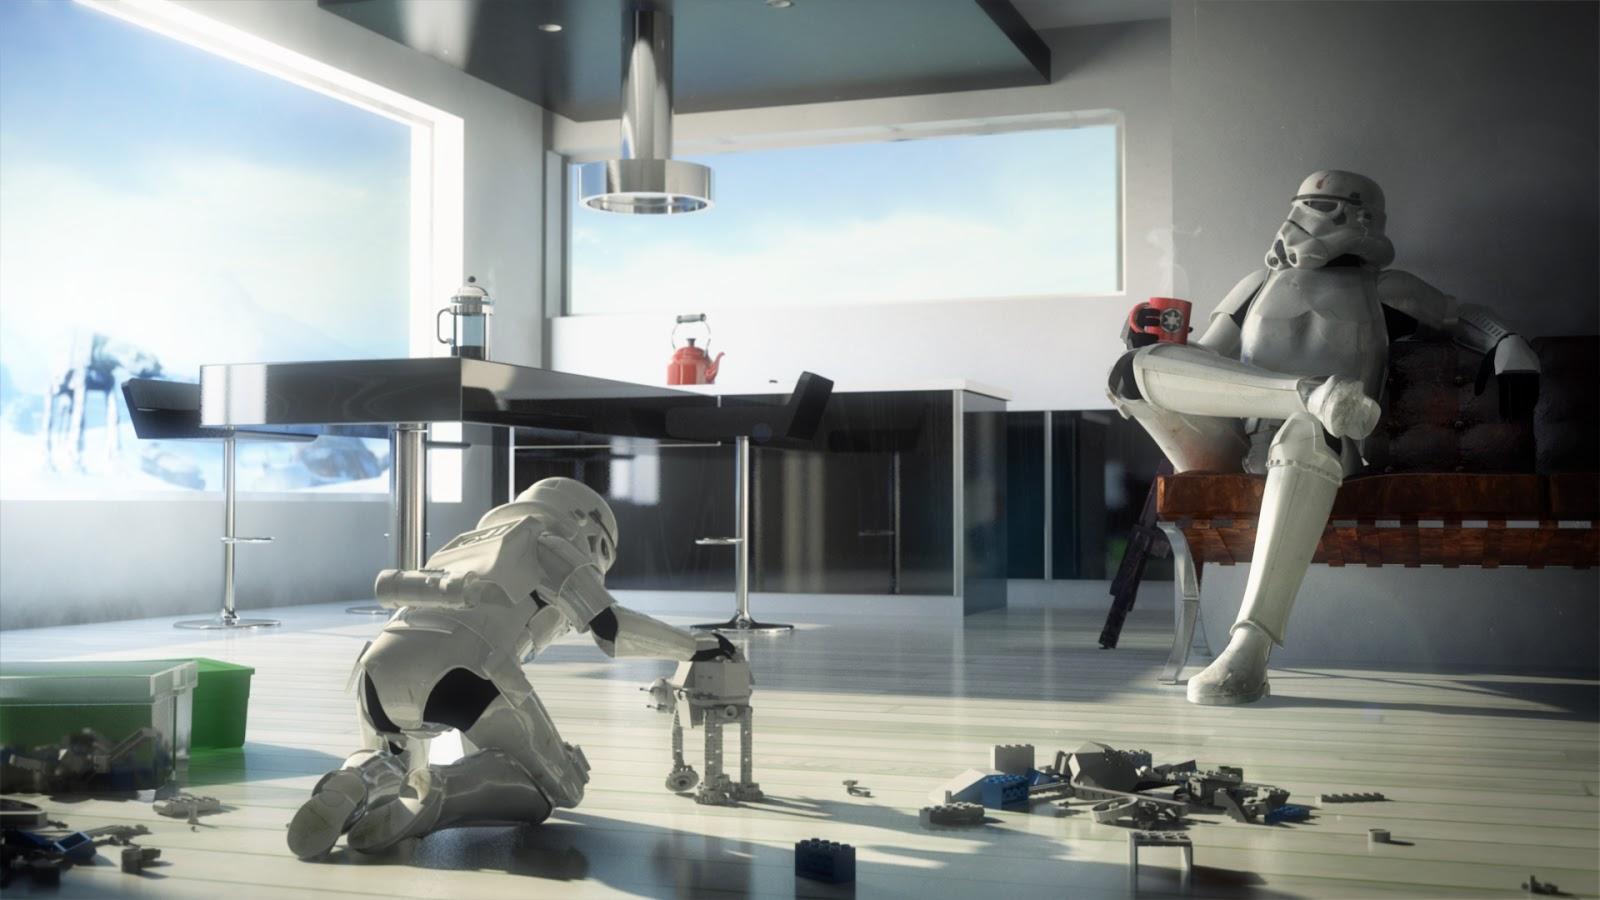 StormTrooper_161014_1